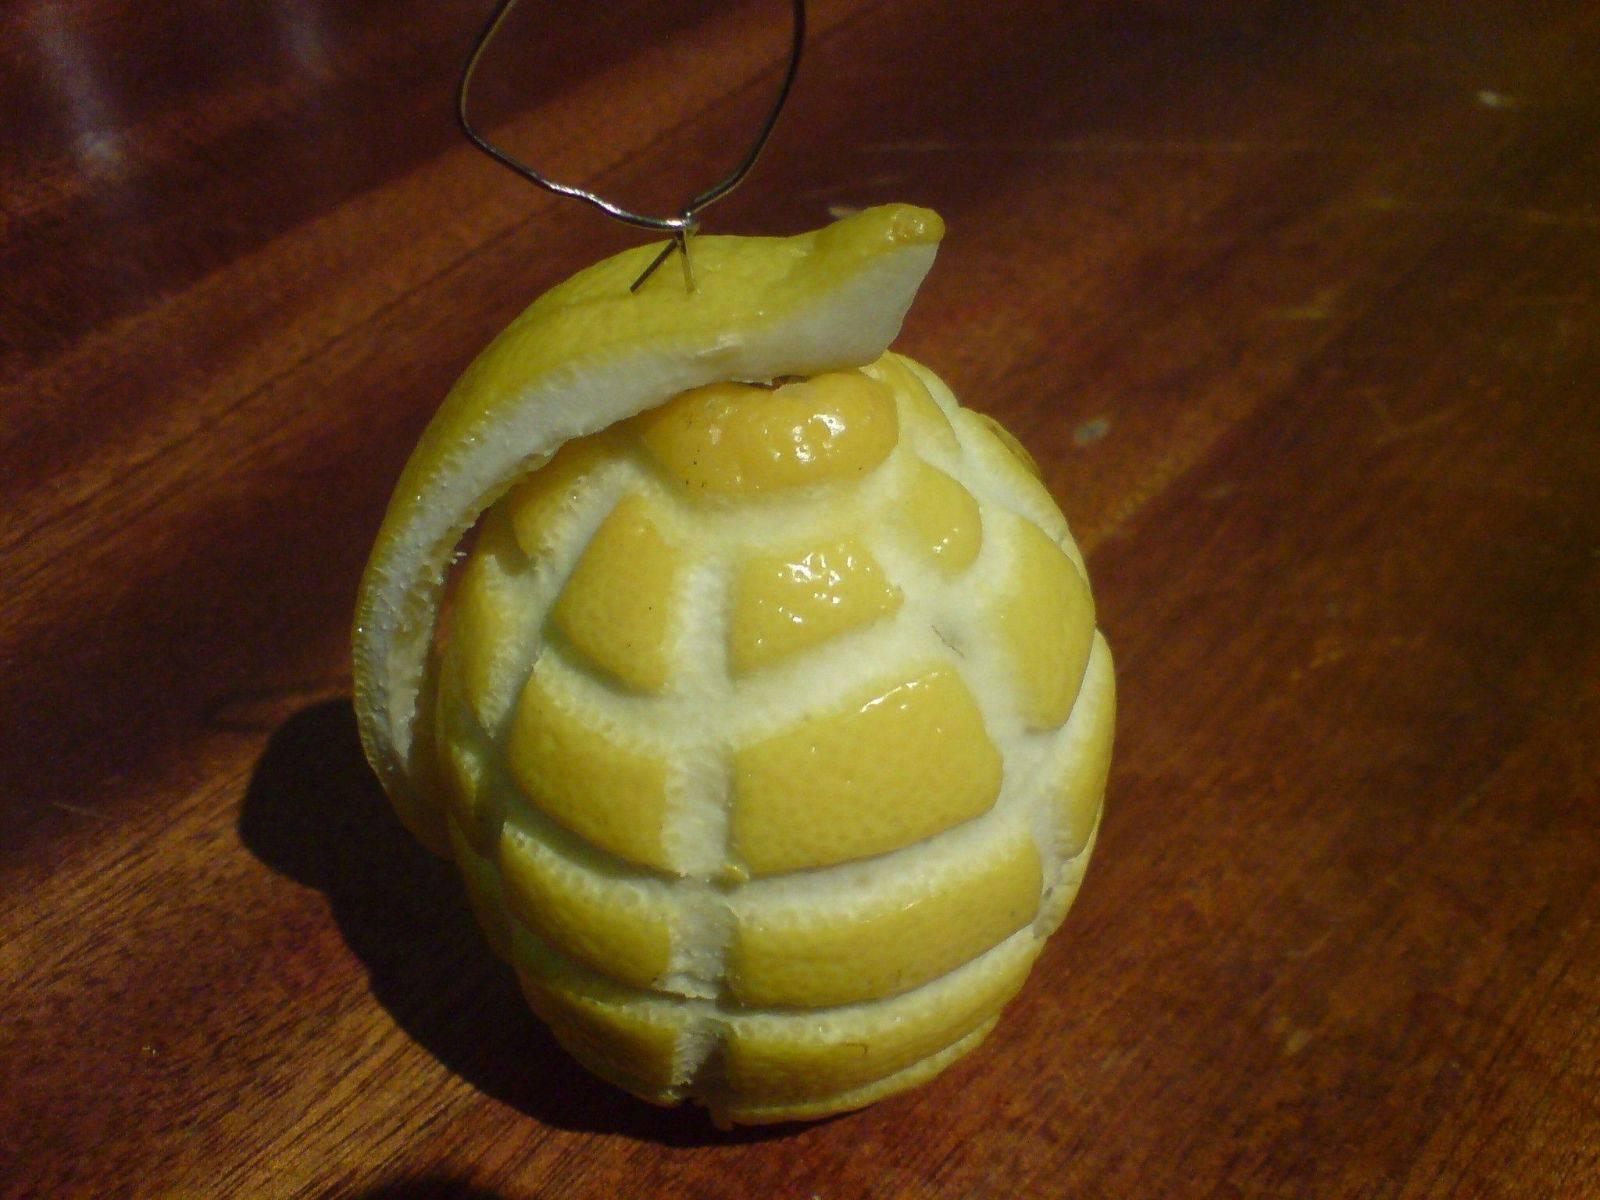 картинки прикольные виды лимона остальные честно